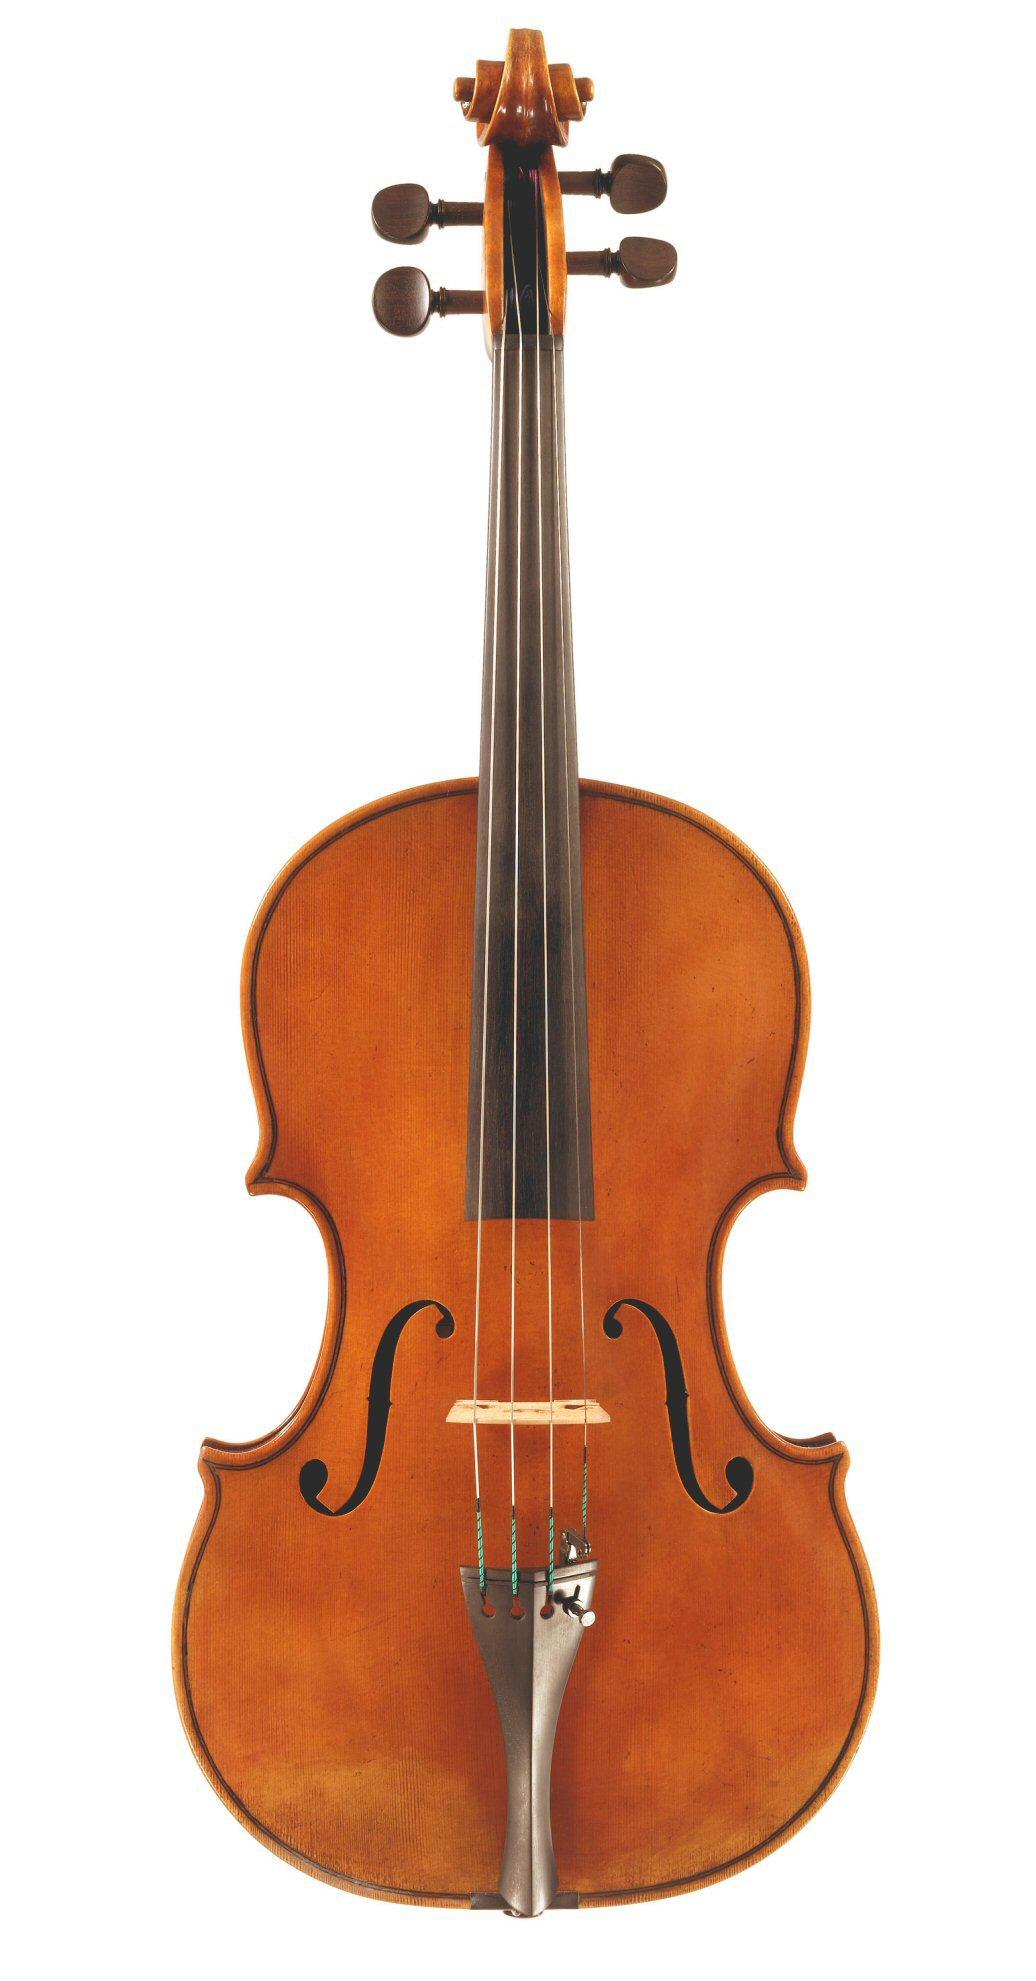 Viola 2010 after Guadagnini Milan 1757